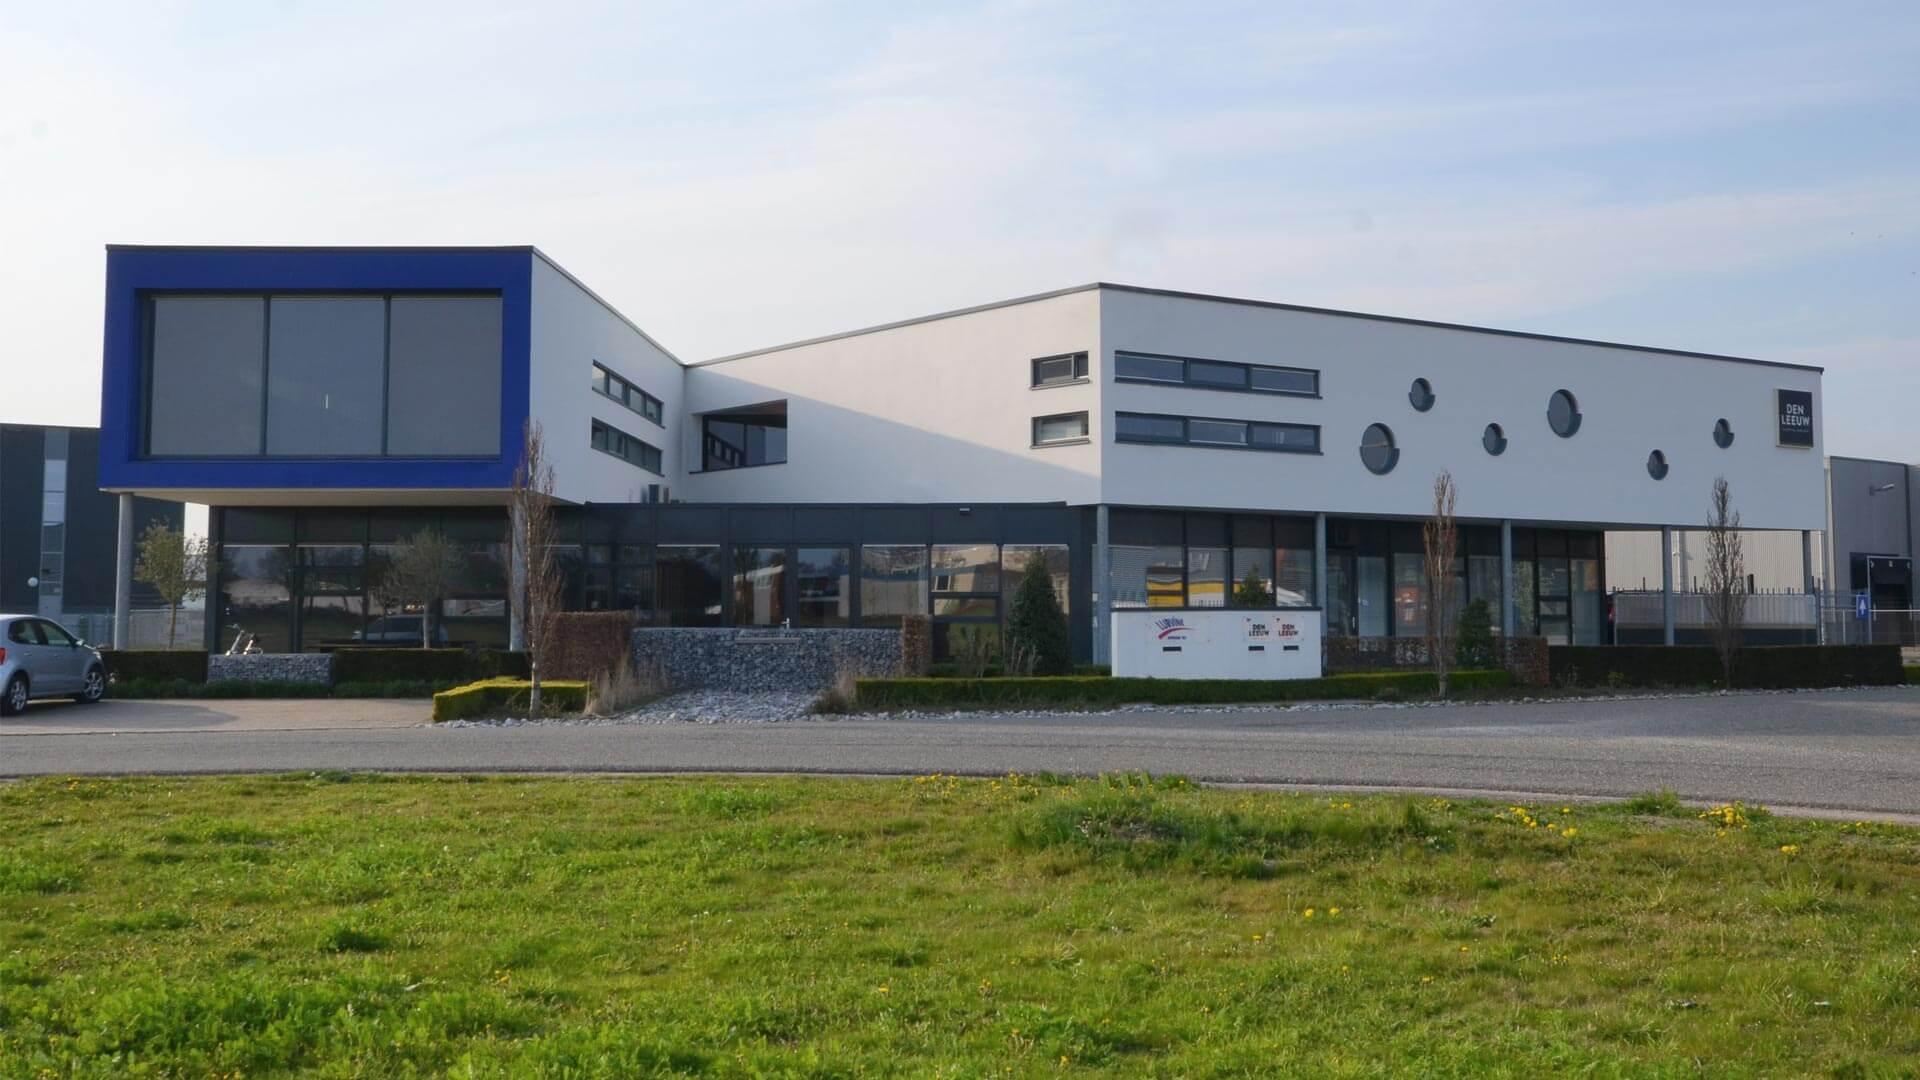 Bedrijfshal, kantoren en showrooms in Lichtenvoorde